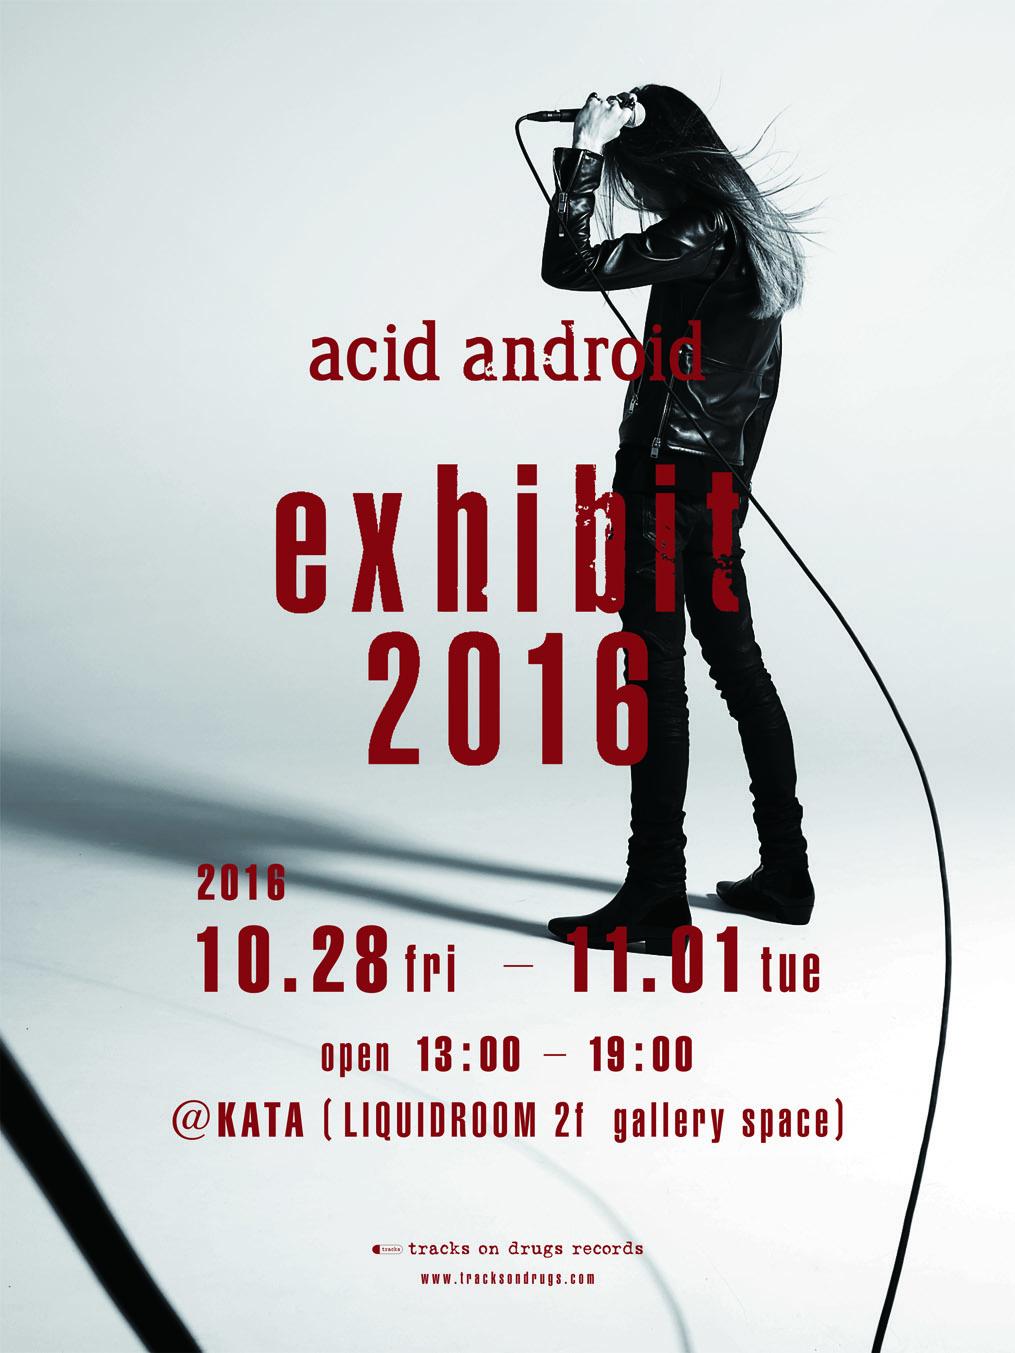 acid android exhibit 2016 KEY VISUAL